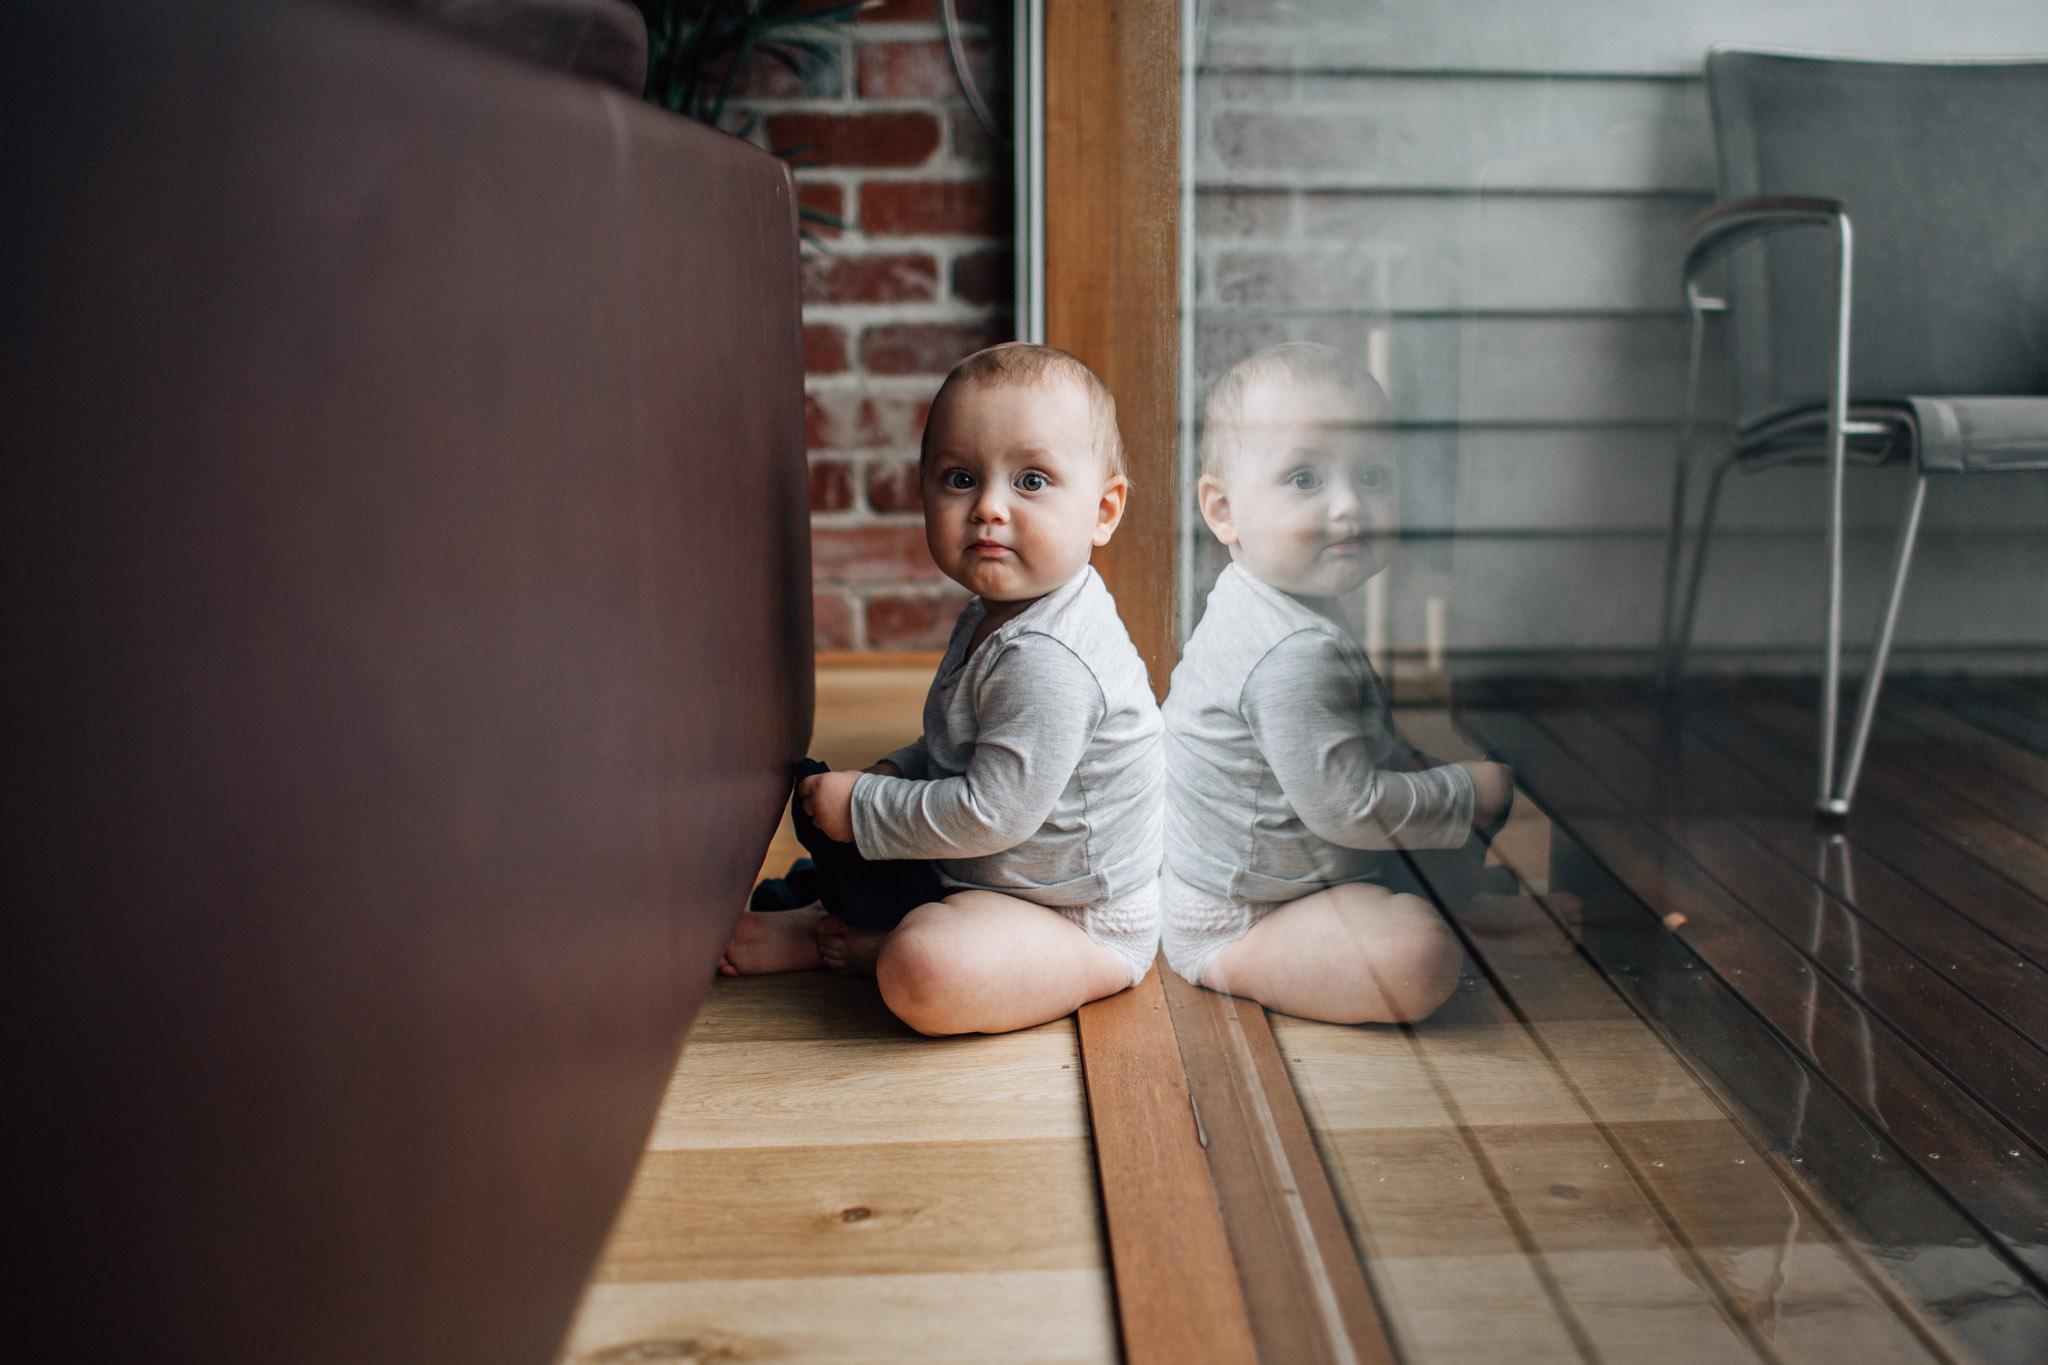 baby-behind-sofa (1 of 1).jpg